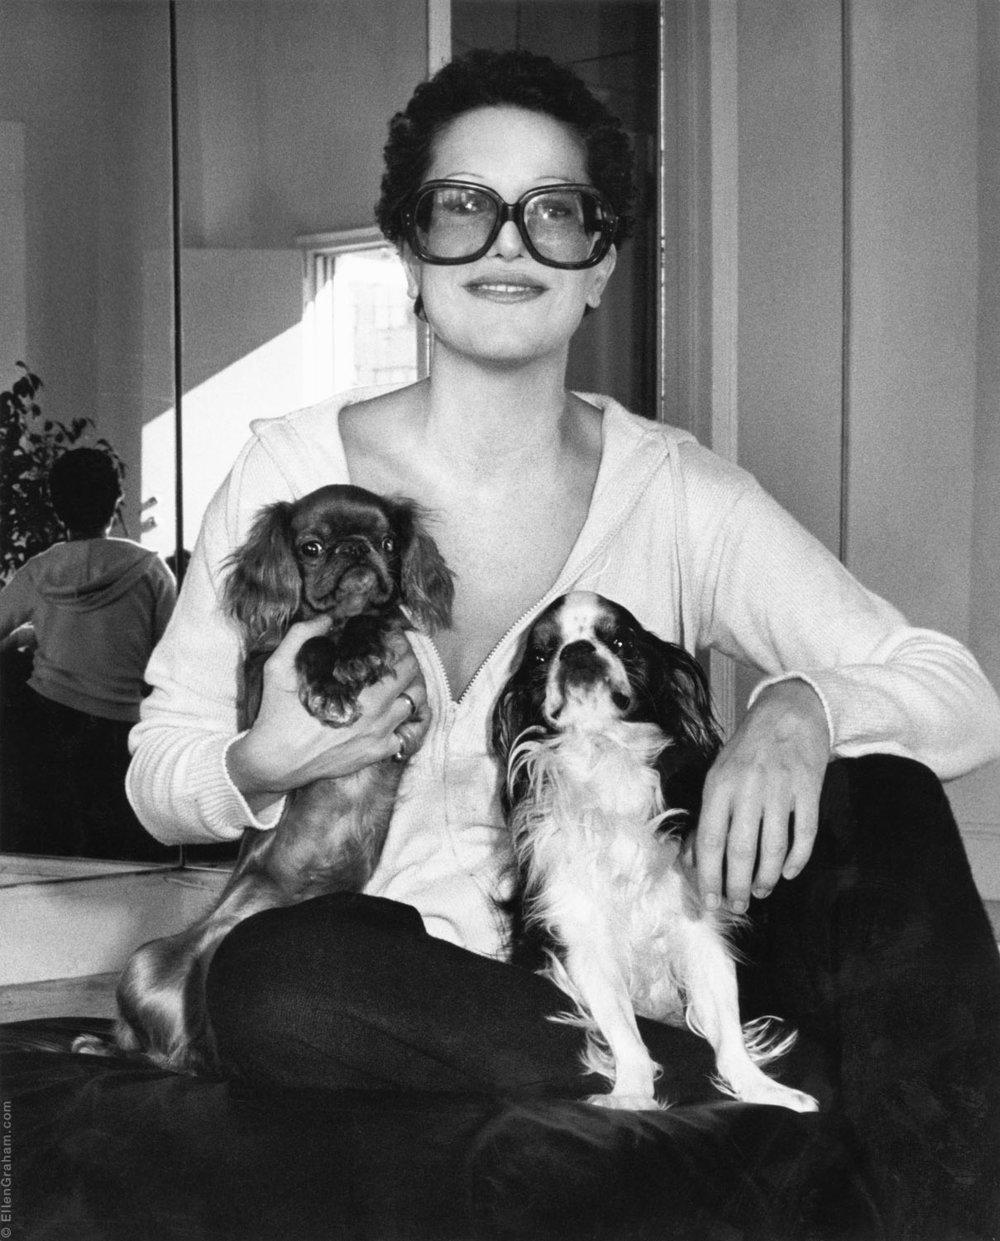 Elsa Peretti, New York, NY, 1974